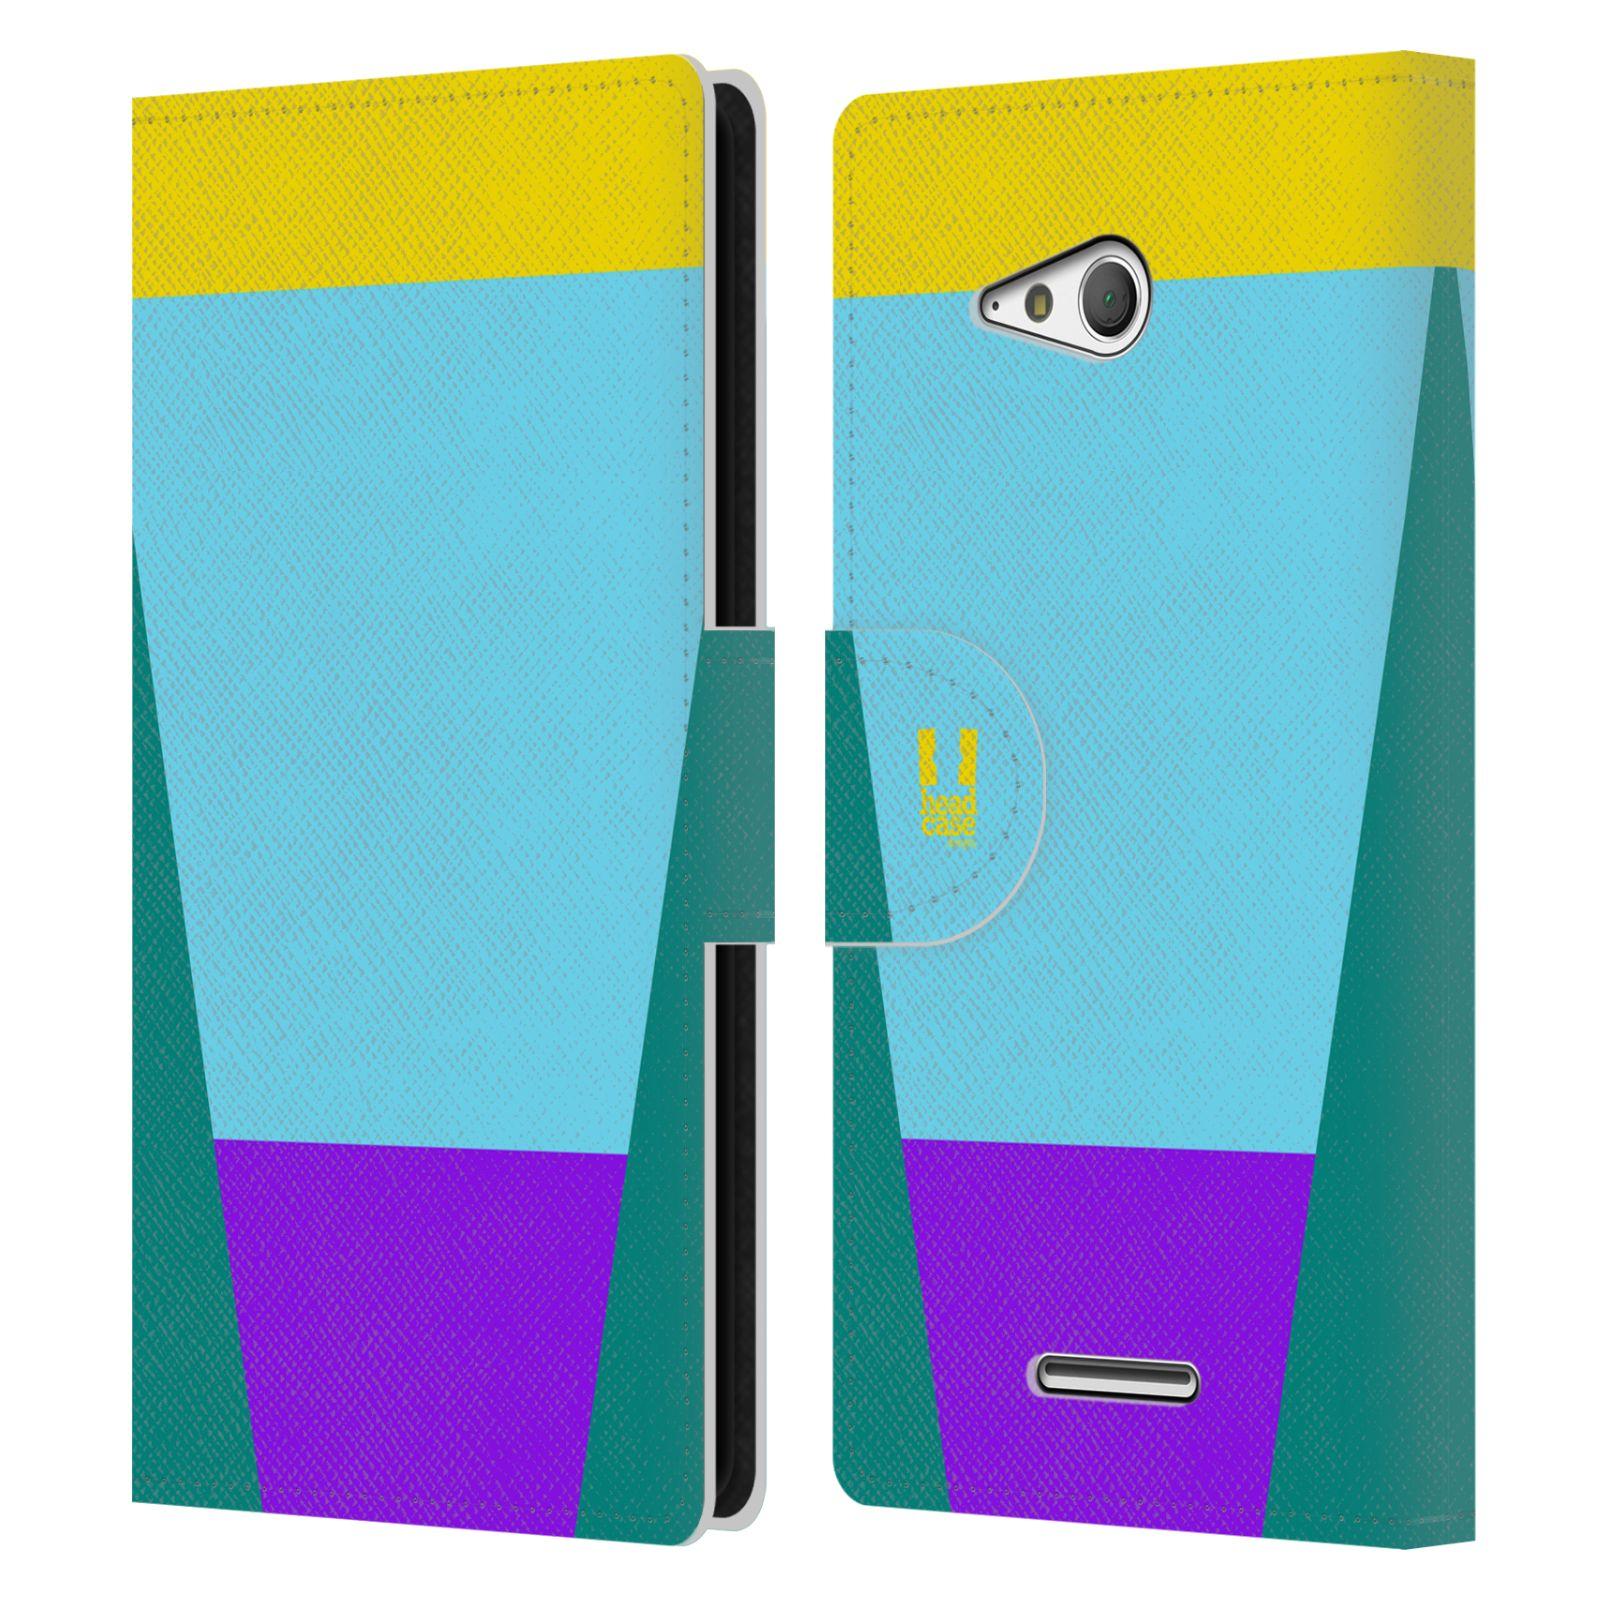 HEAD CASE Flipové pouzdro pro mobil SONY Xperia E4g barevné tvary nebesky modrá